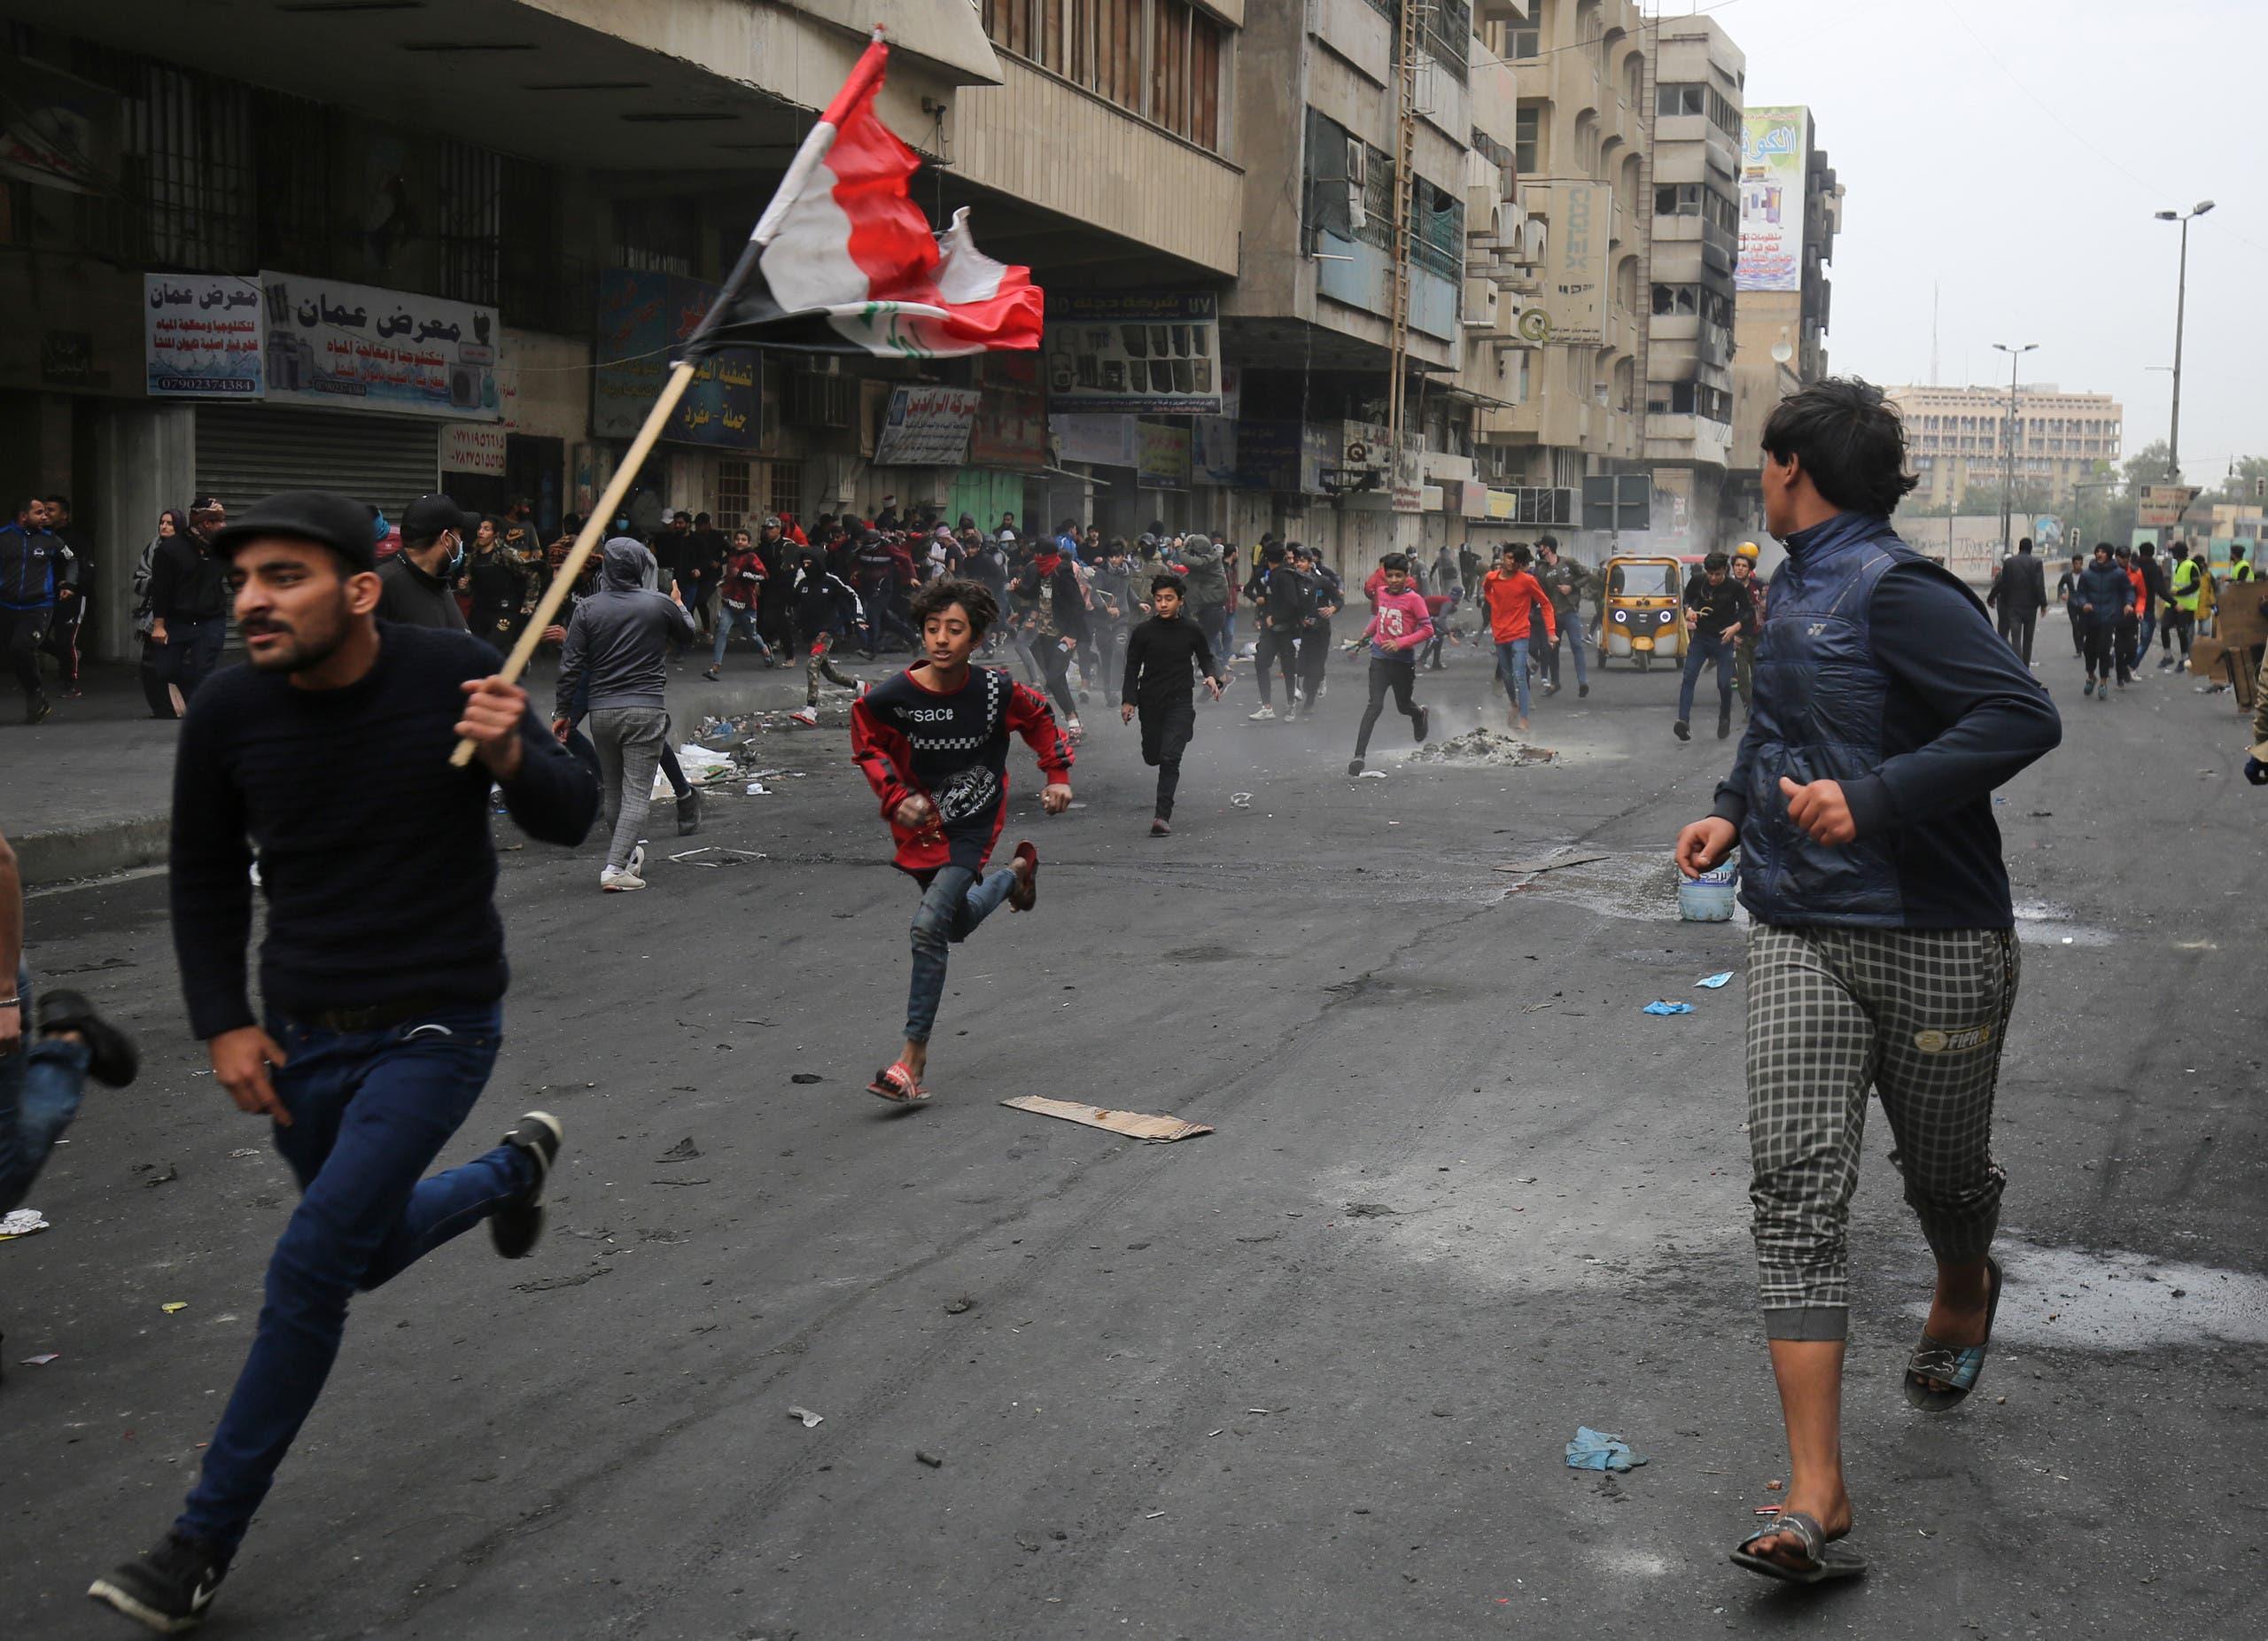 من ساحة الخلاني في بغداد يوم 19 فبراير